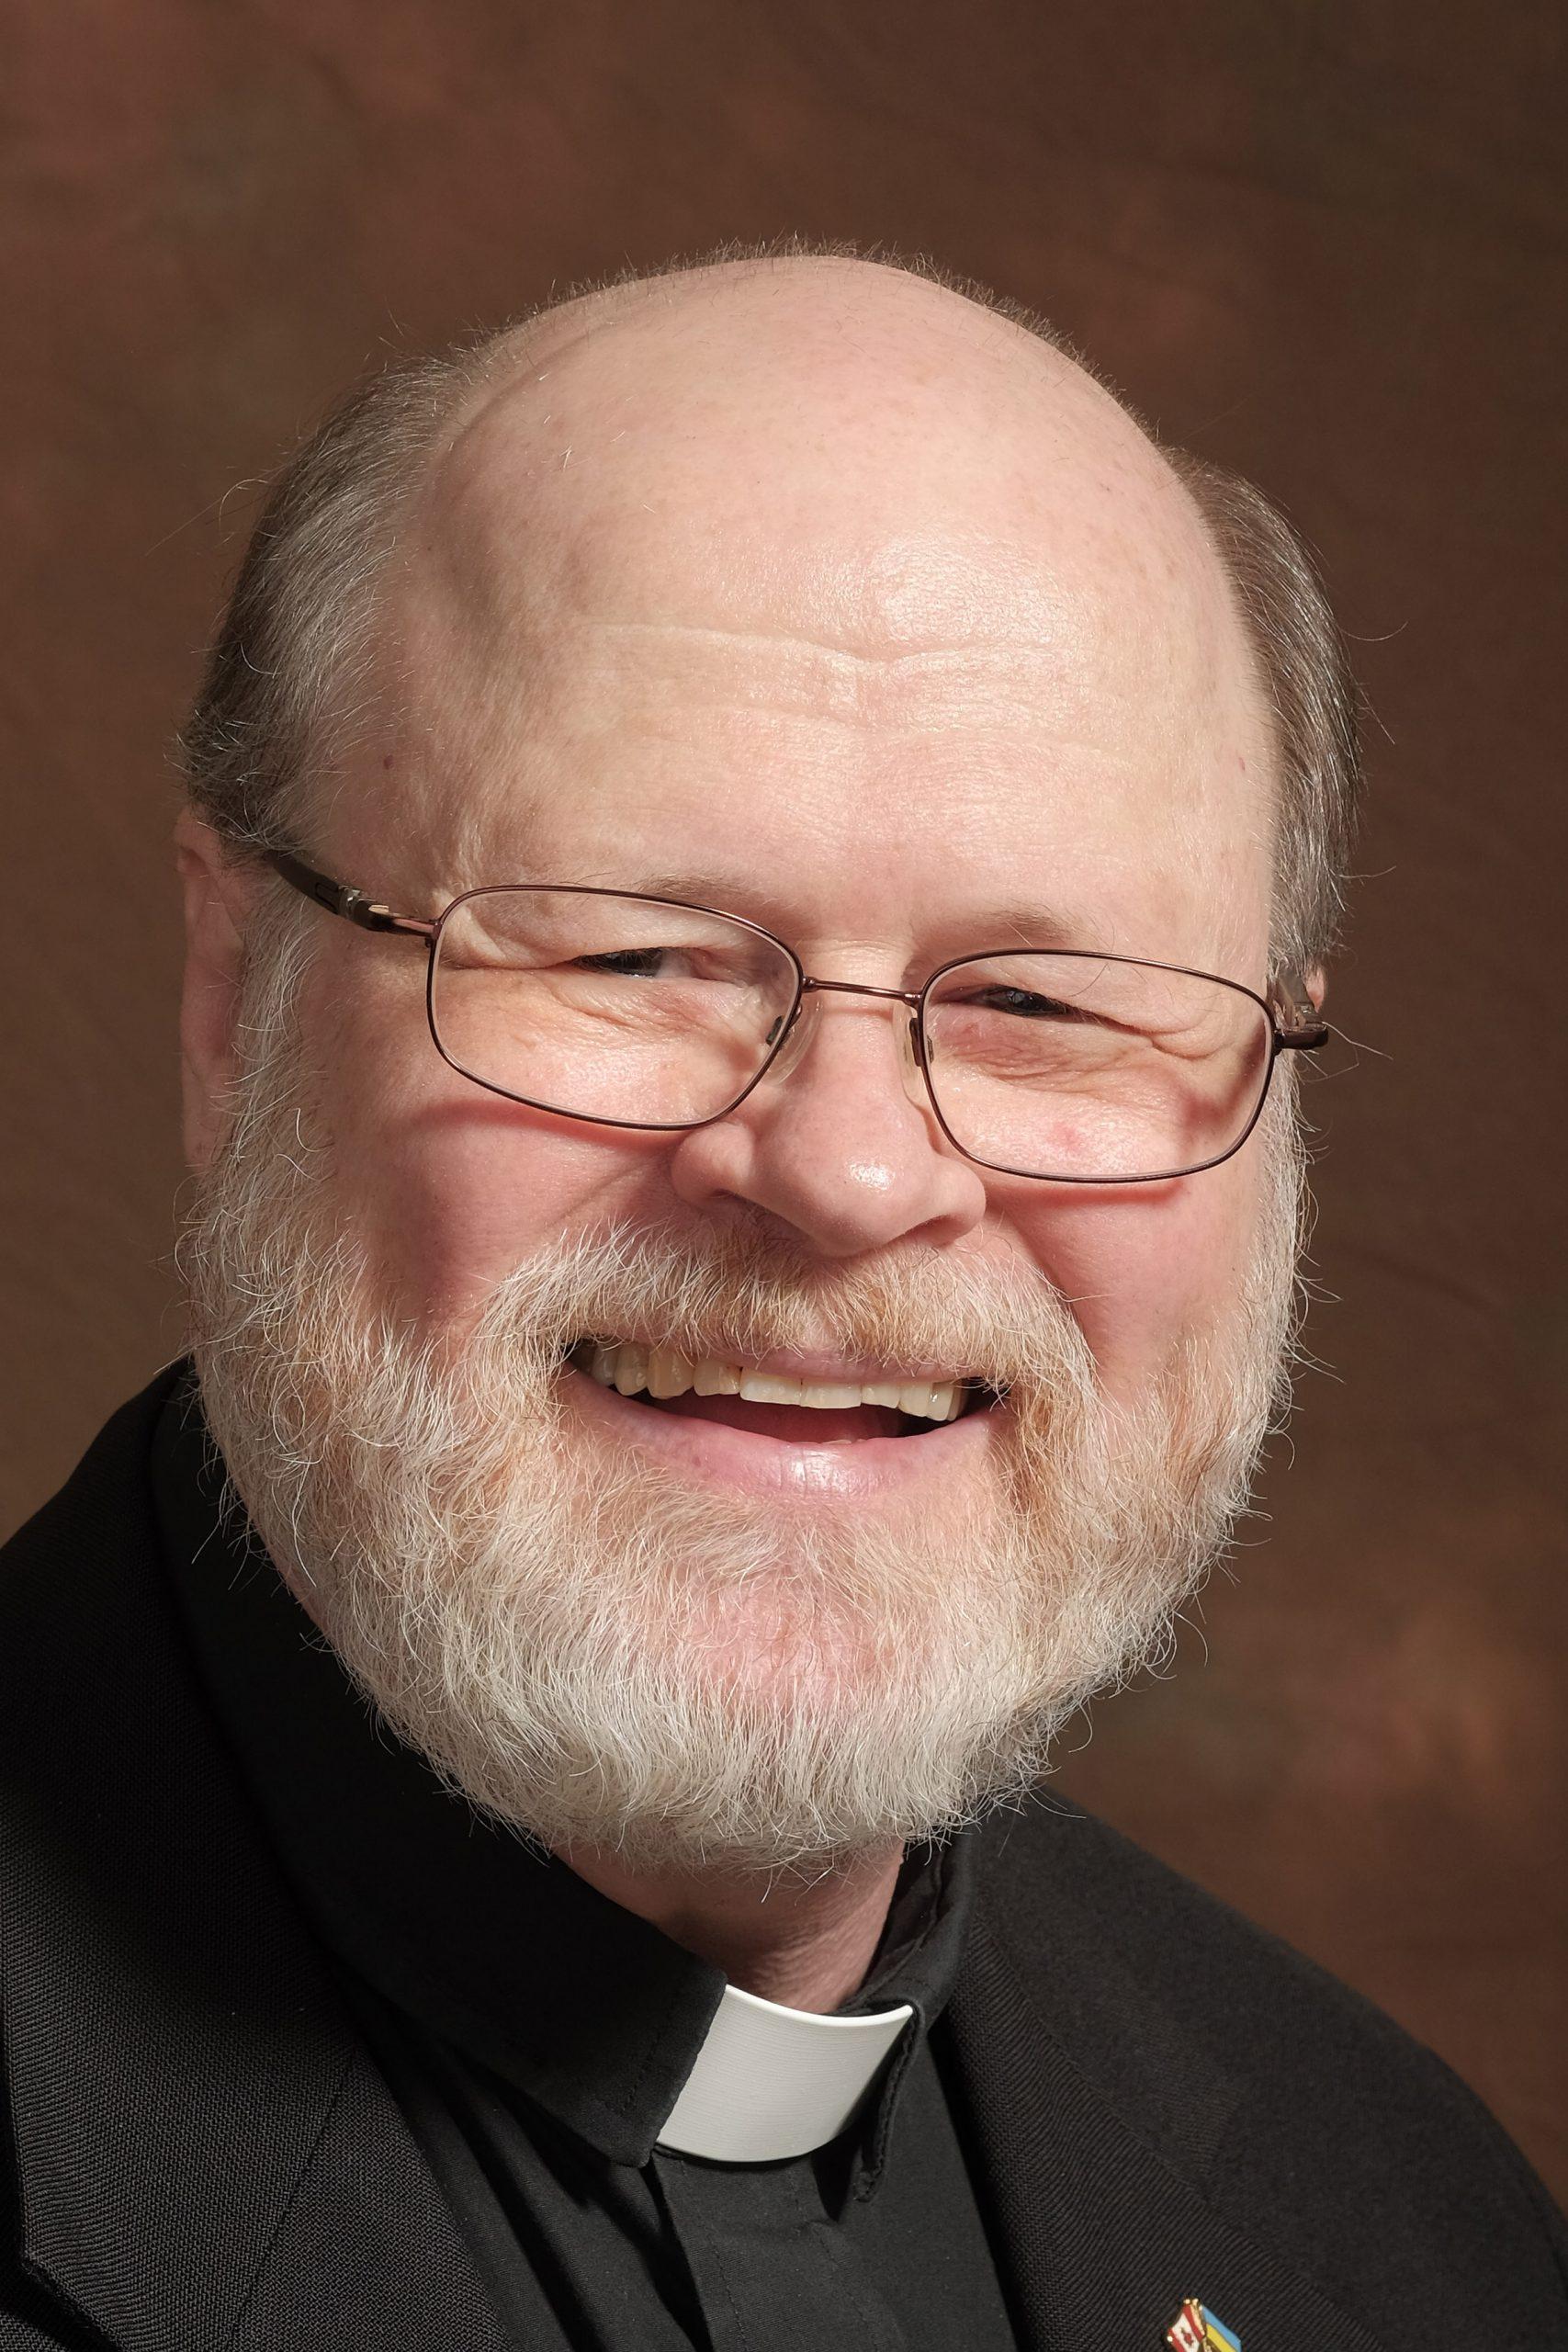 Father Stephen Wojcichowsky